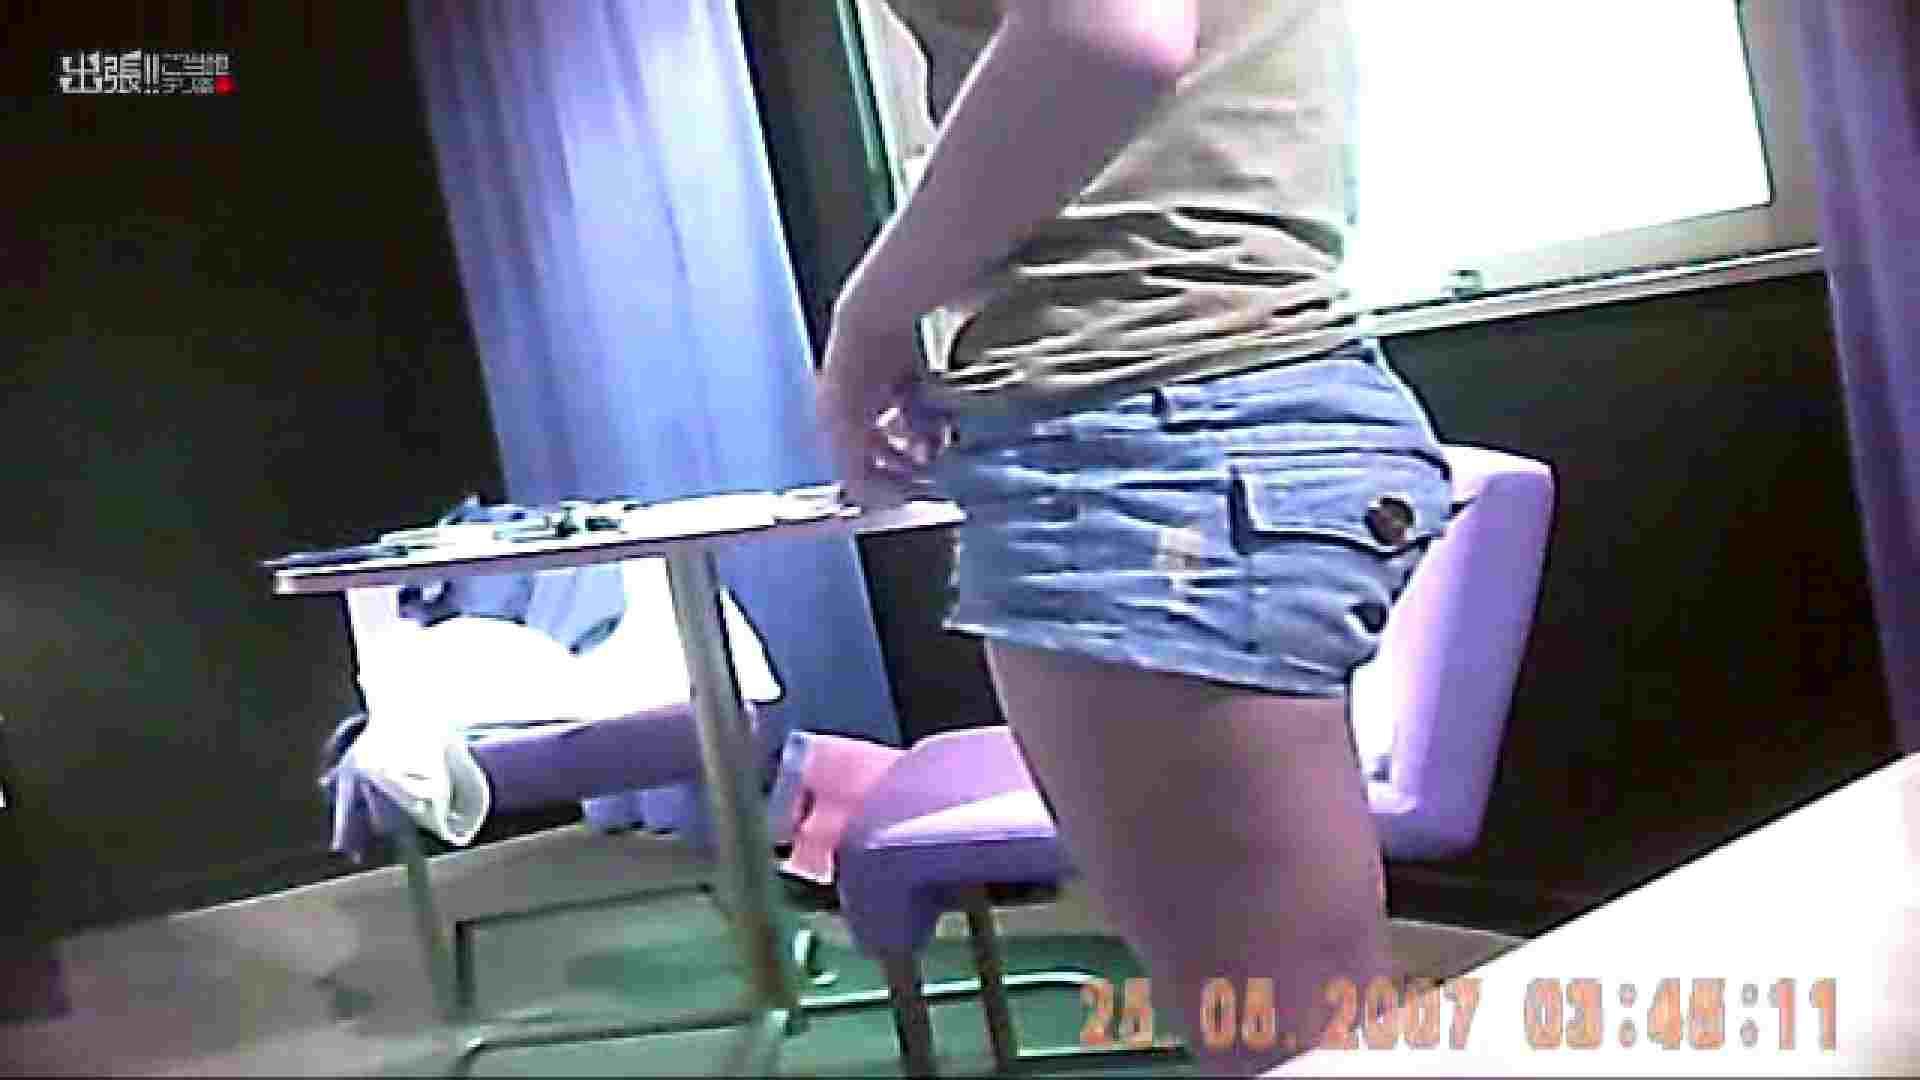 出張リーマンのデリ嬢隠し撮り第3弾vol.5 隠撮 盗み撮り動画 97pic 74